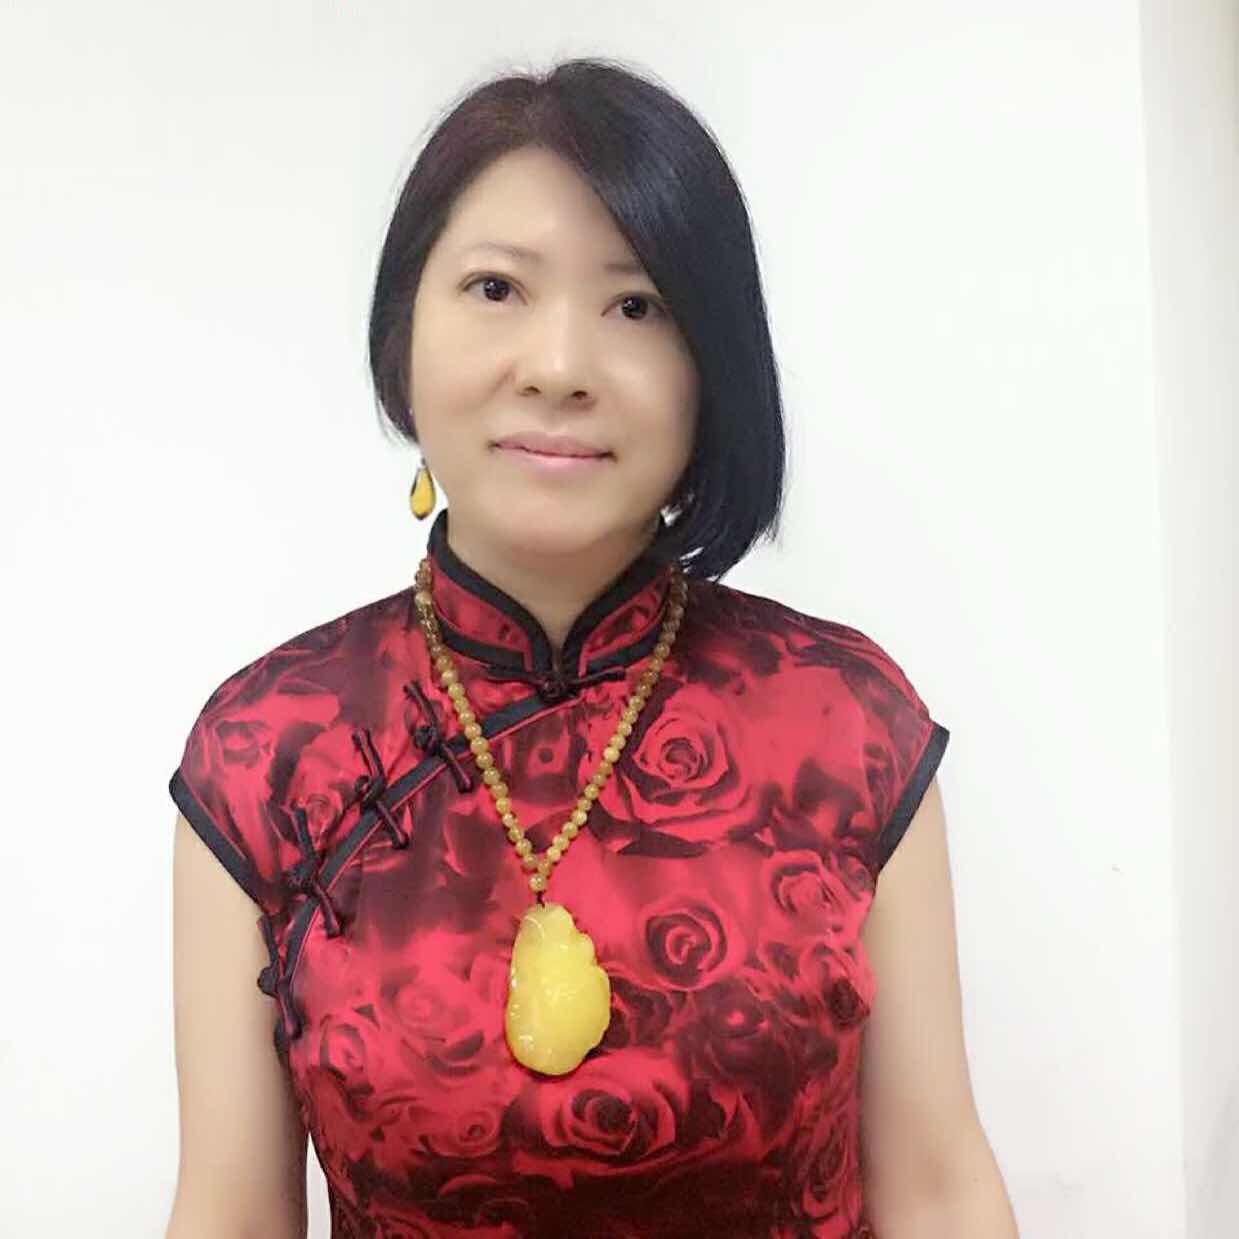 潘红 Susan 老师